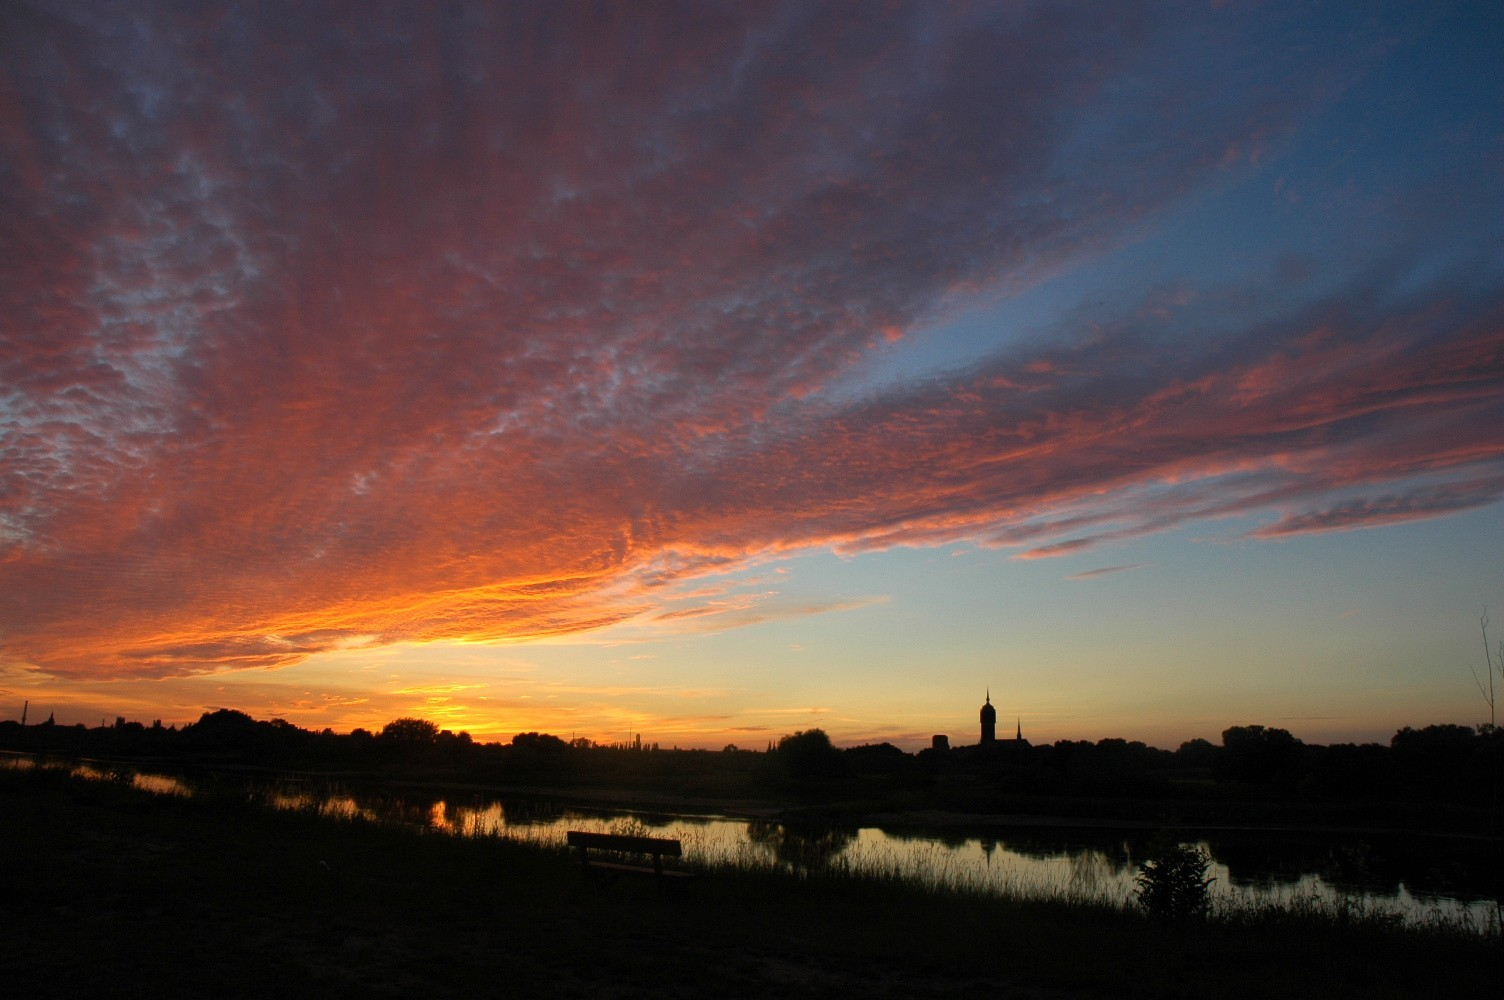 Sonnenuntergang in Wittenberg